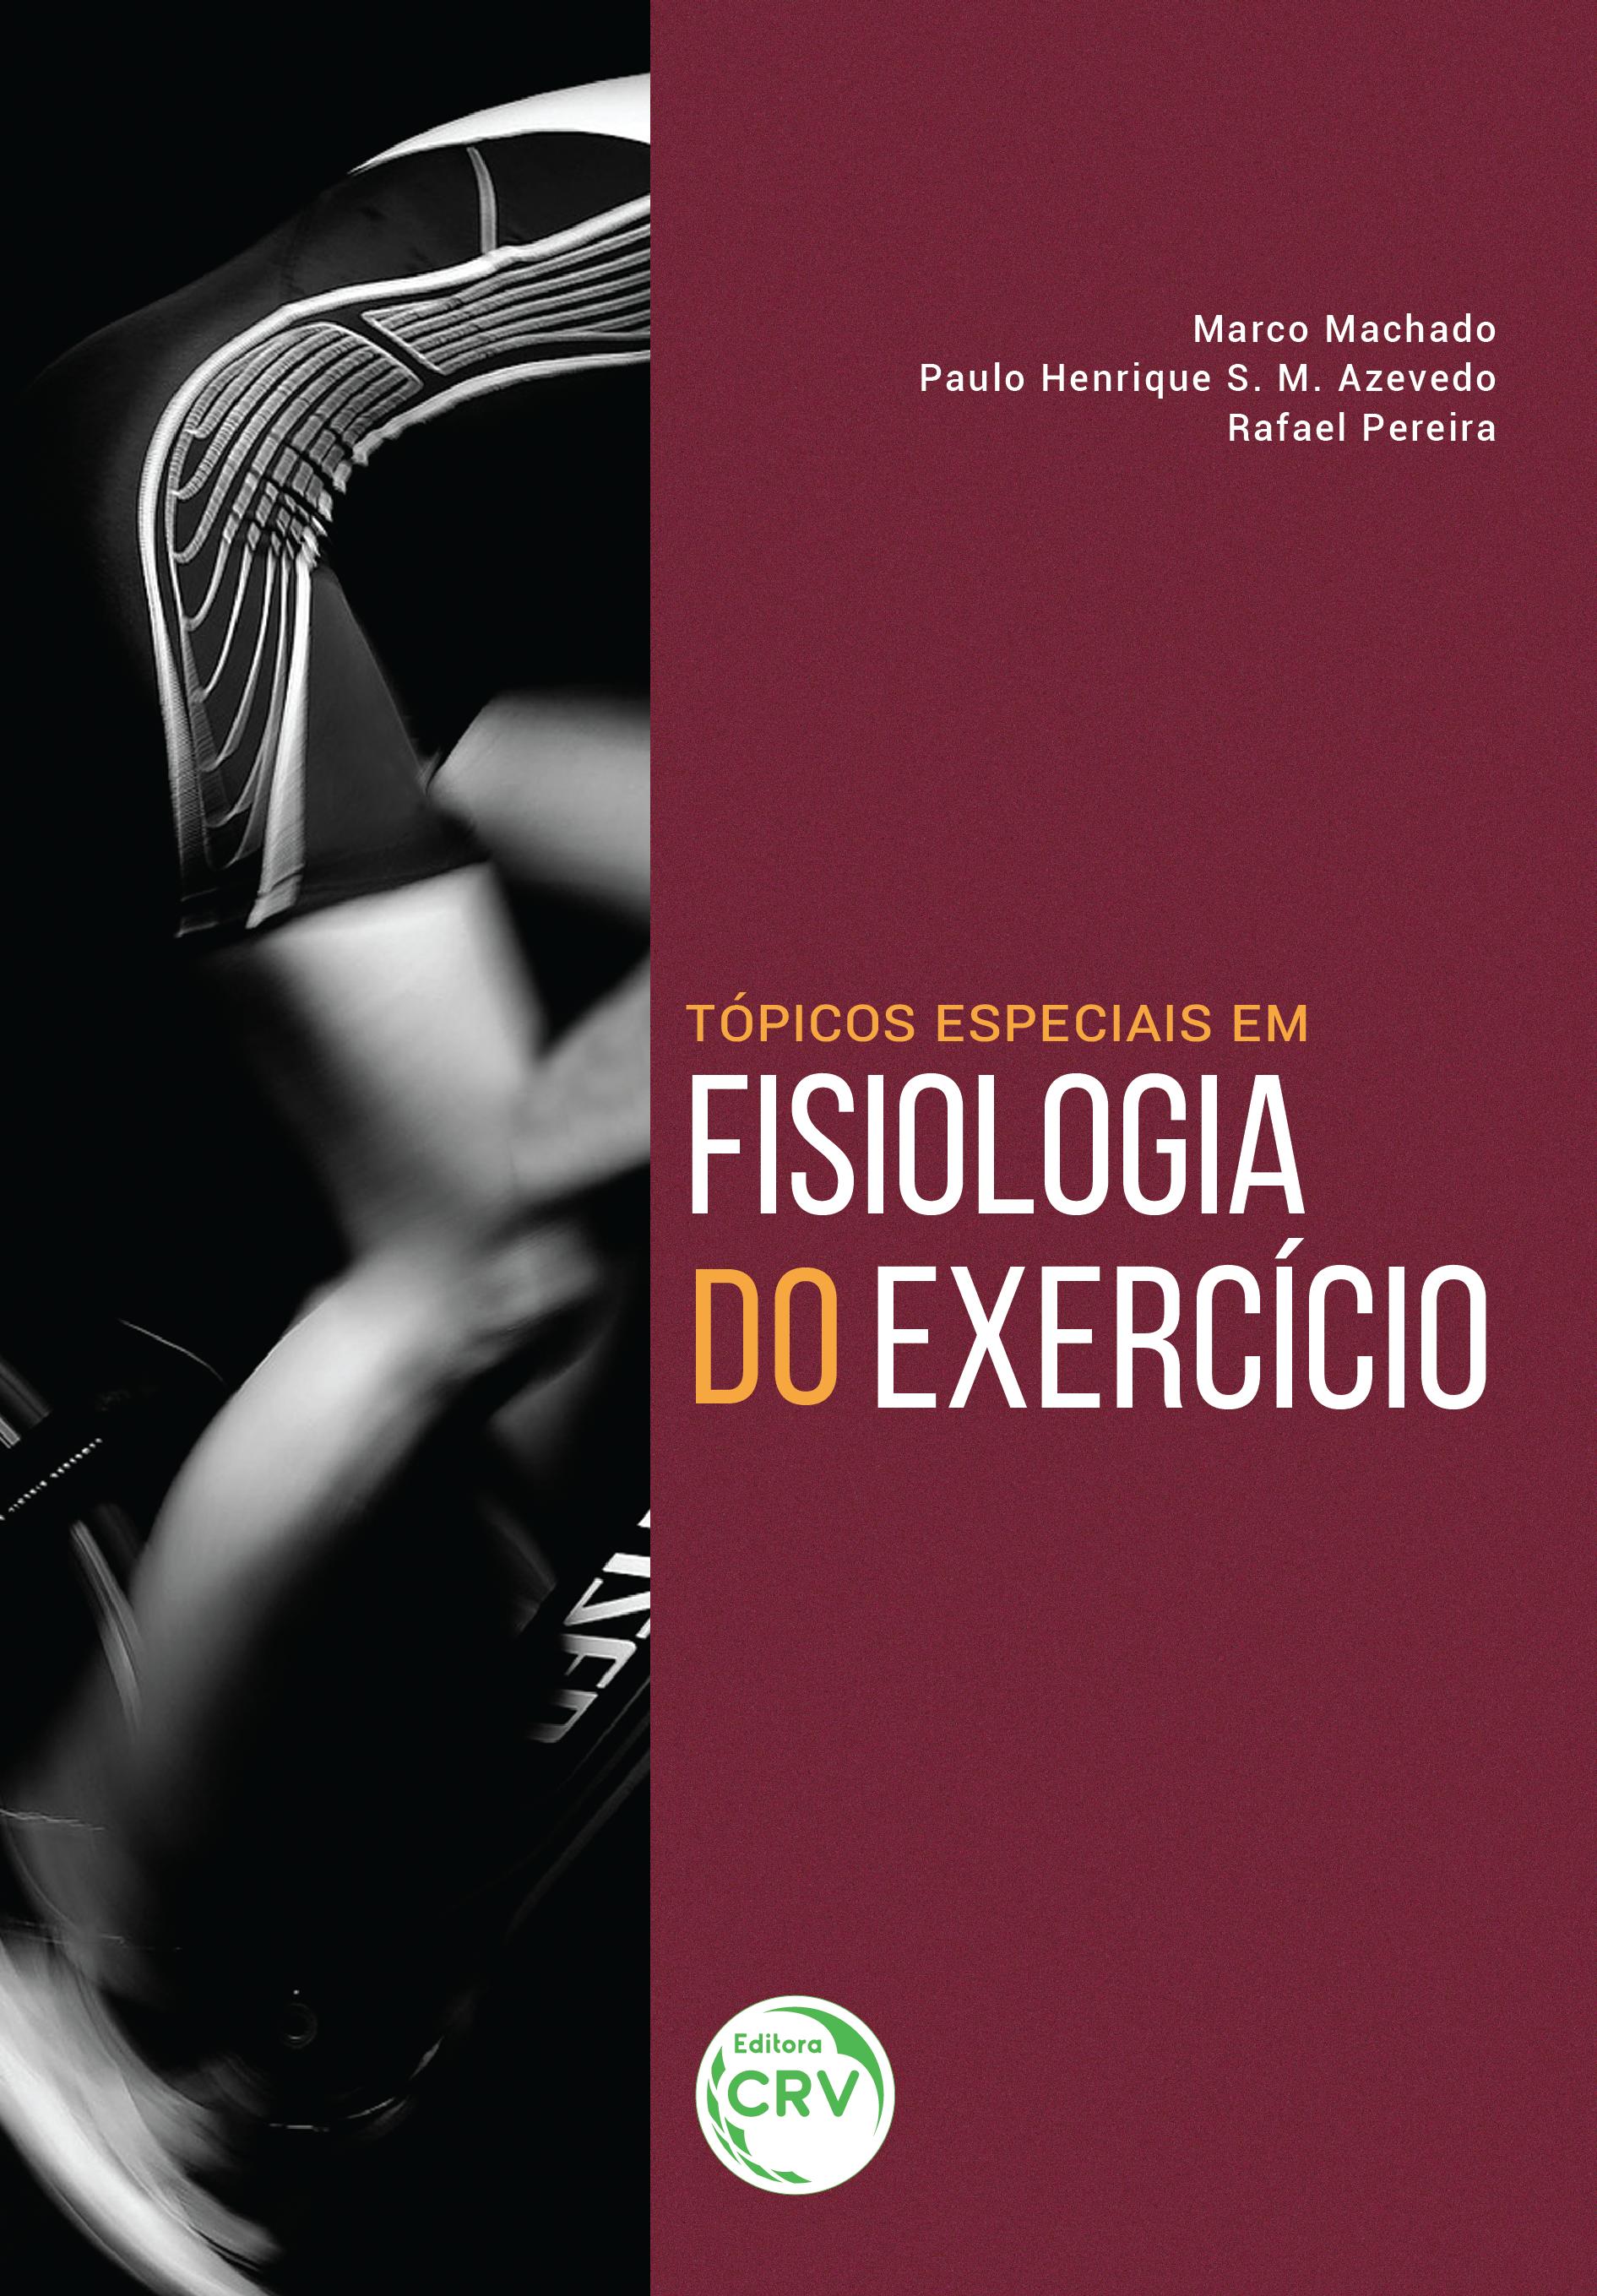 Capa do livro: TÓPICOS ESPECIAIS EM FISIOLOGIA DO EXERCÍCIO